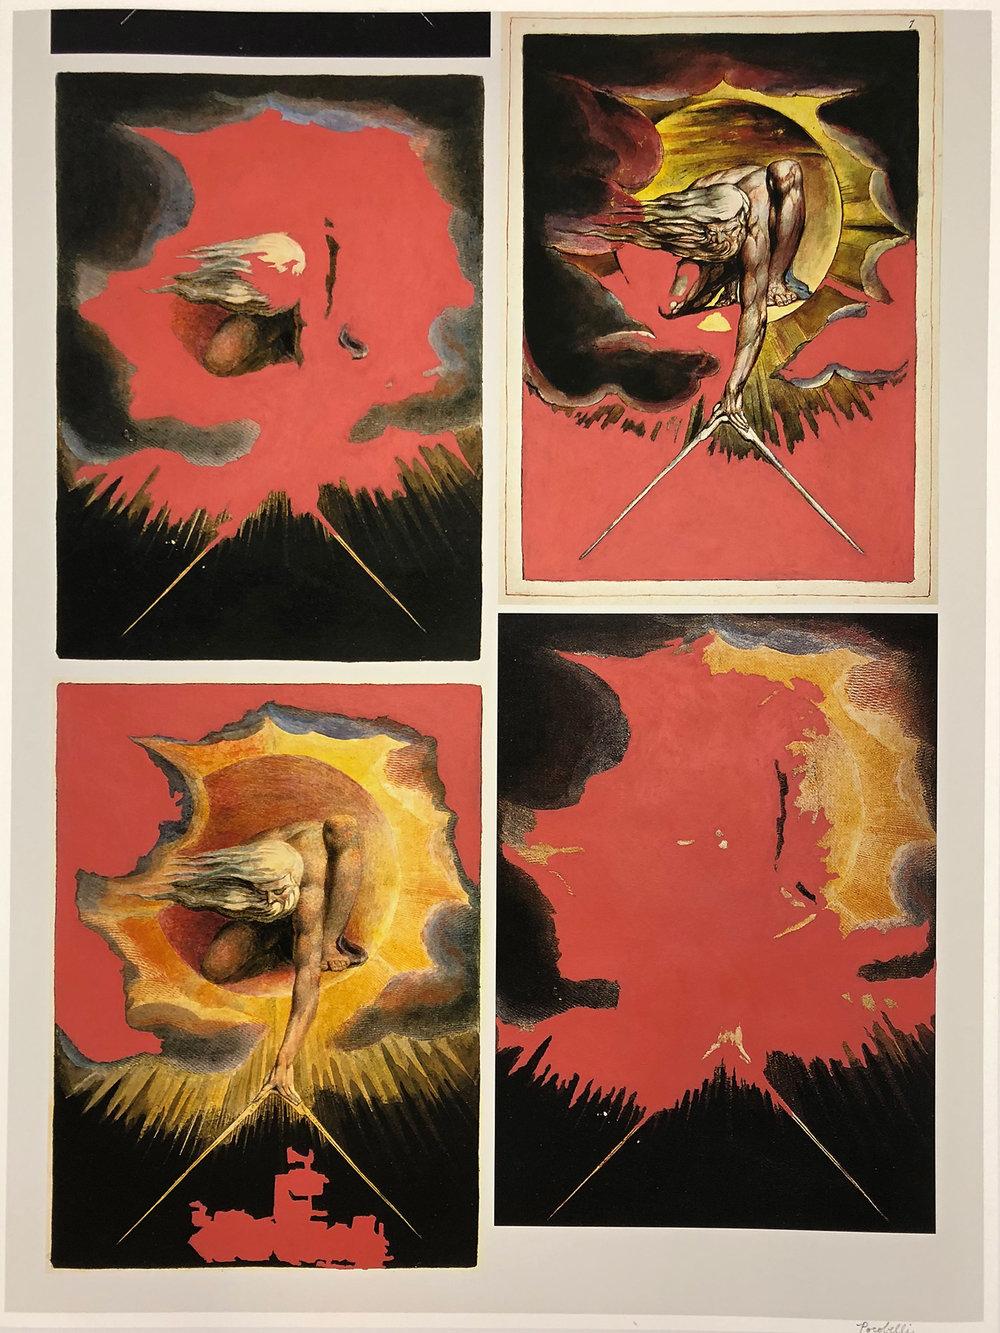 """""""q=william+blake+god"""", 60 cm x 80 cm, inkjet and acrylic paint on hahnemuhle paper."""